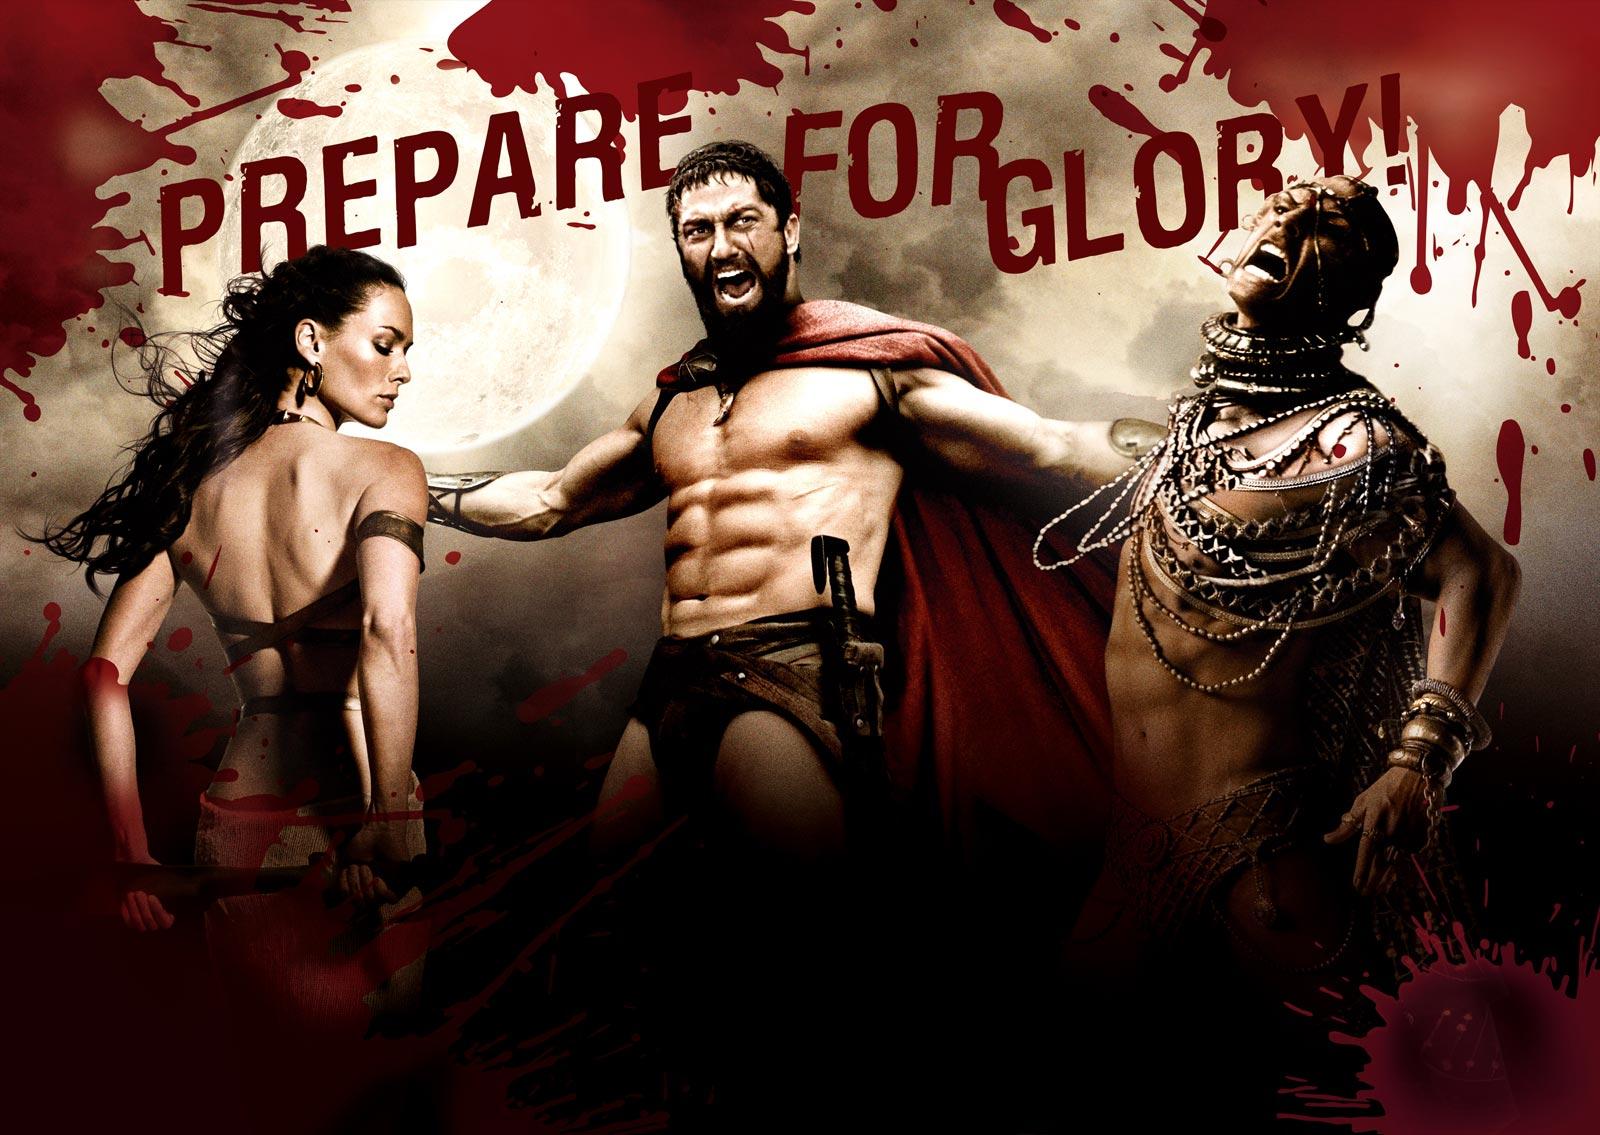 ислам смотреть порнуху спартанцев мужики